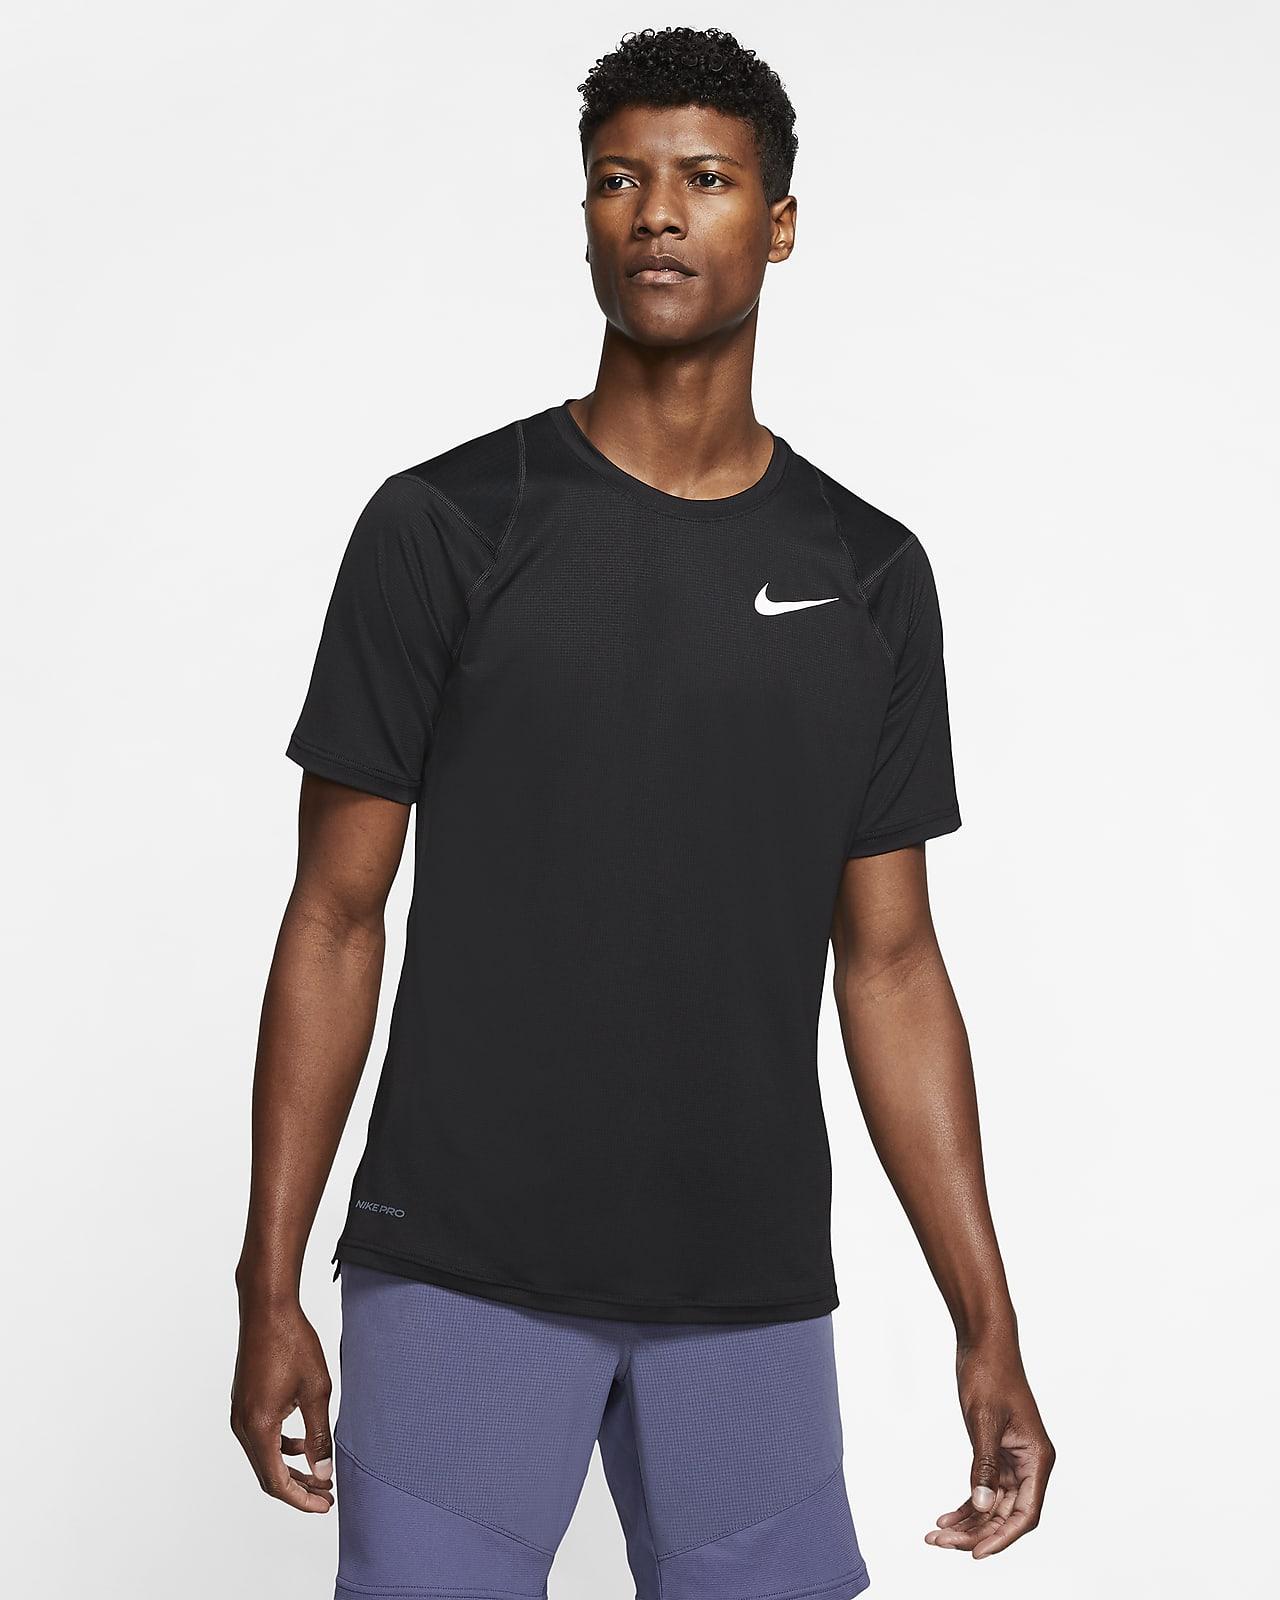 Nike Pro-kortærmet top til mænd